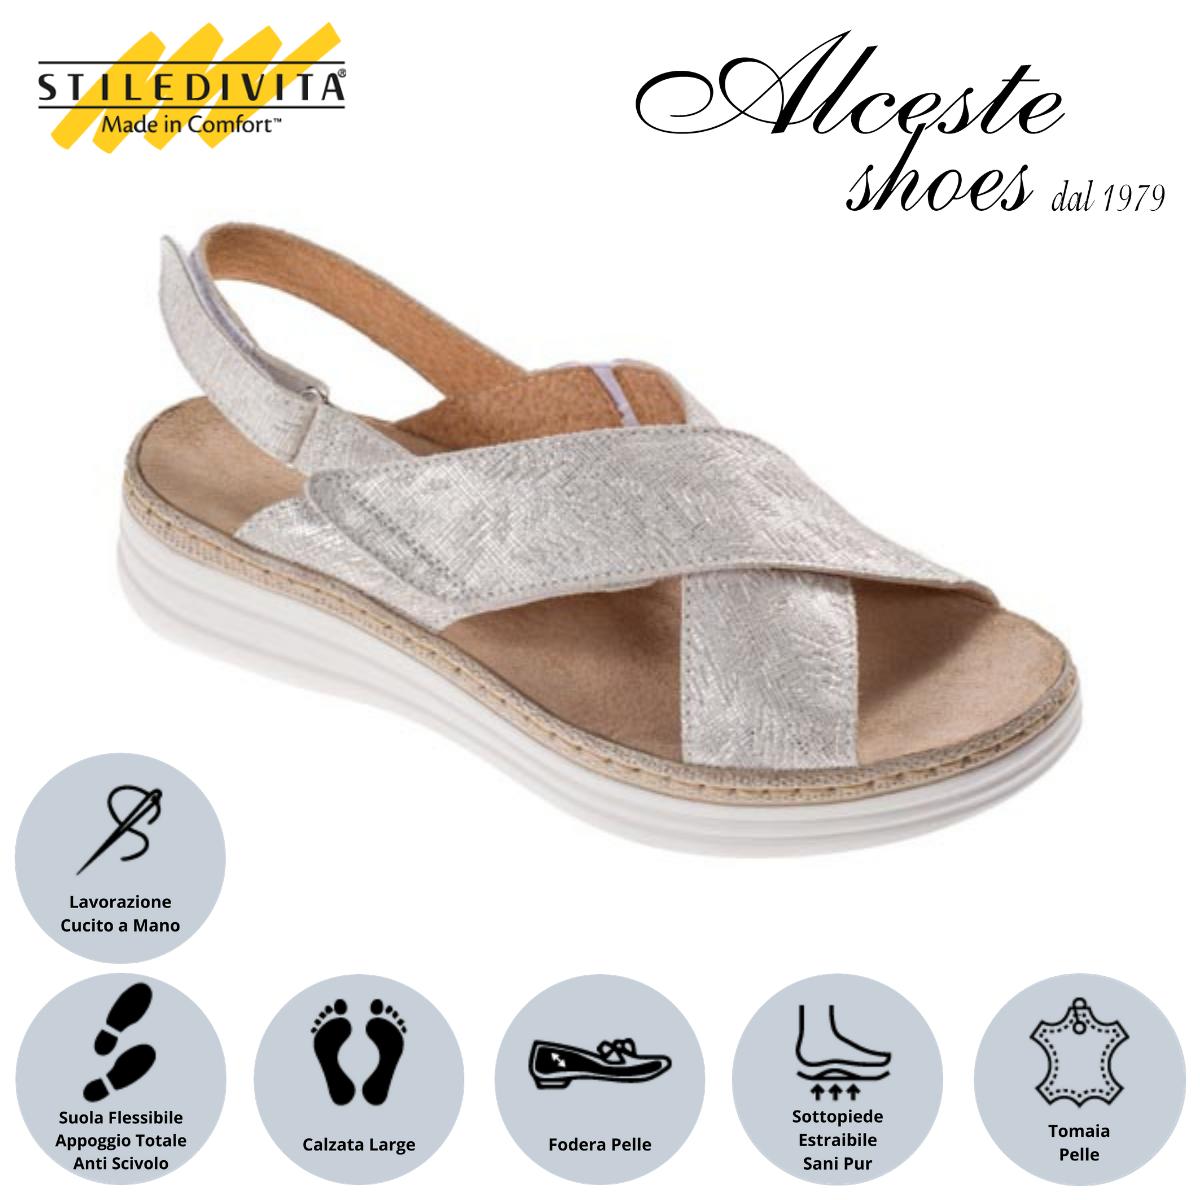 Sandalo Stiledivita Art. 8233 Camoscio Stampato Bianco Alceste Shoes 15